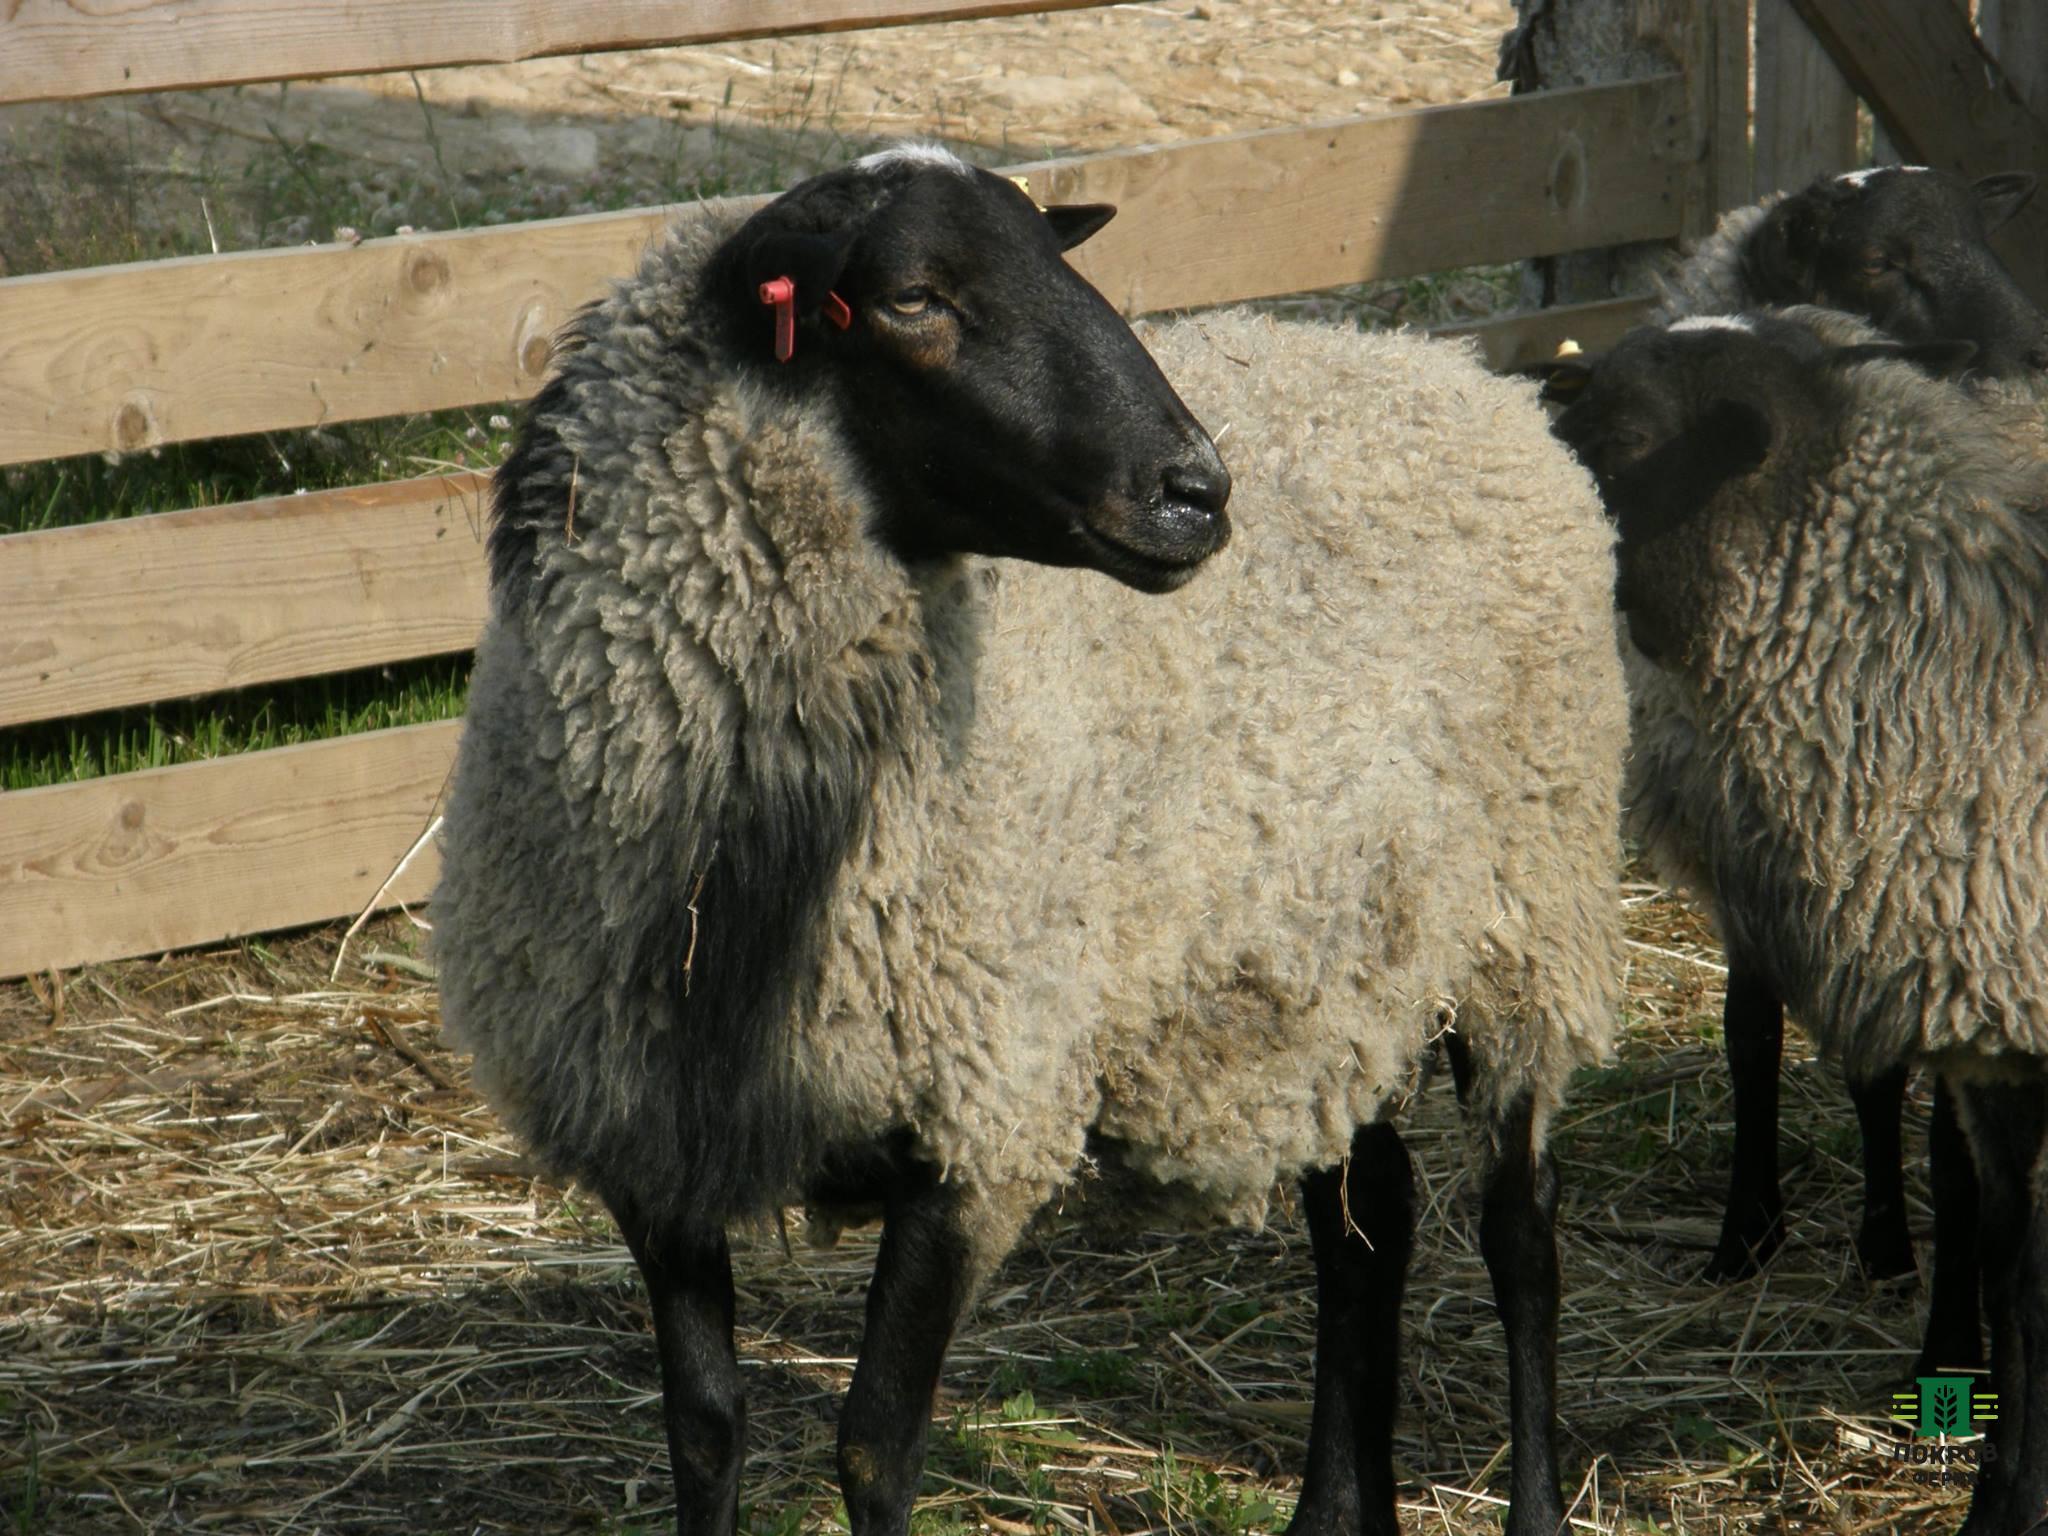 Овцы выращены в экологически-чистом регионе республики башкортостан, а именно в д.арларово, ишимбайского района.